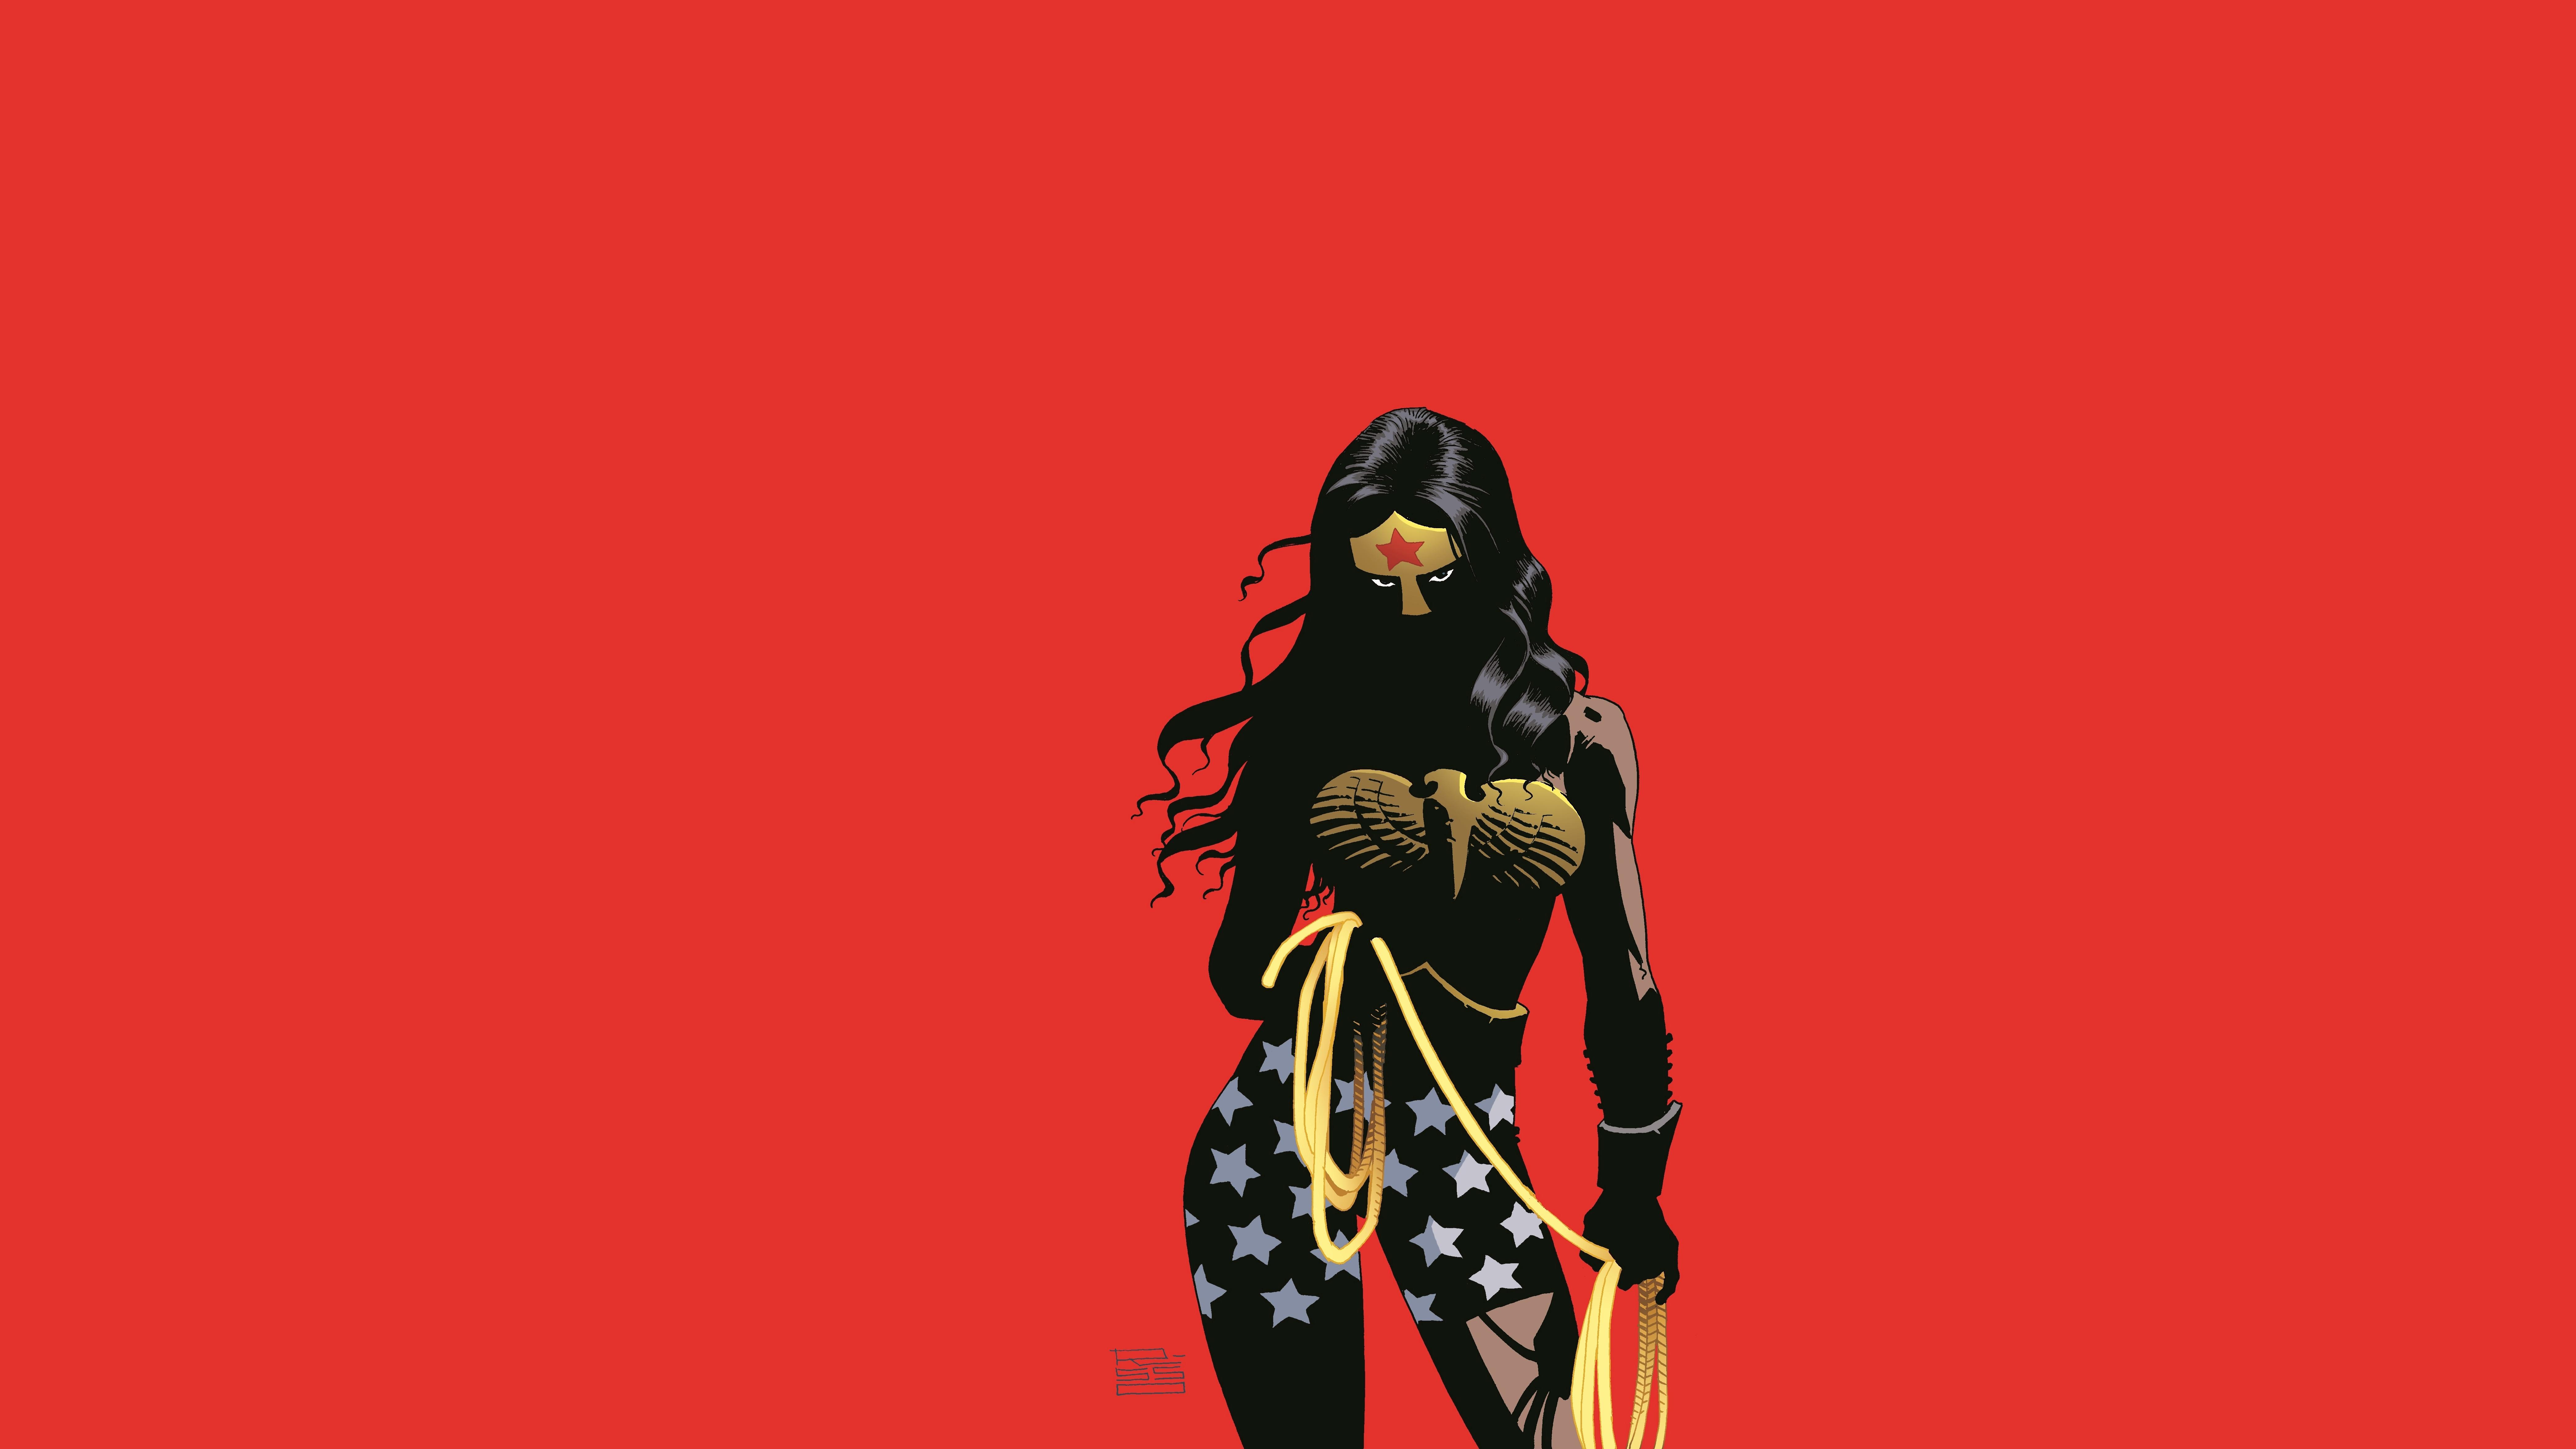 Hd wallpaper wonder woman - Comics Wonder Woman Wallpaper